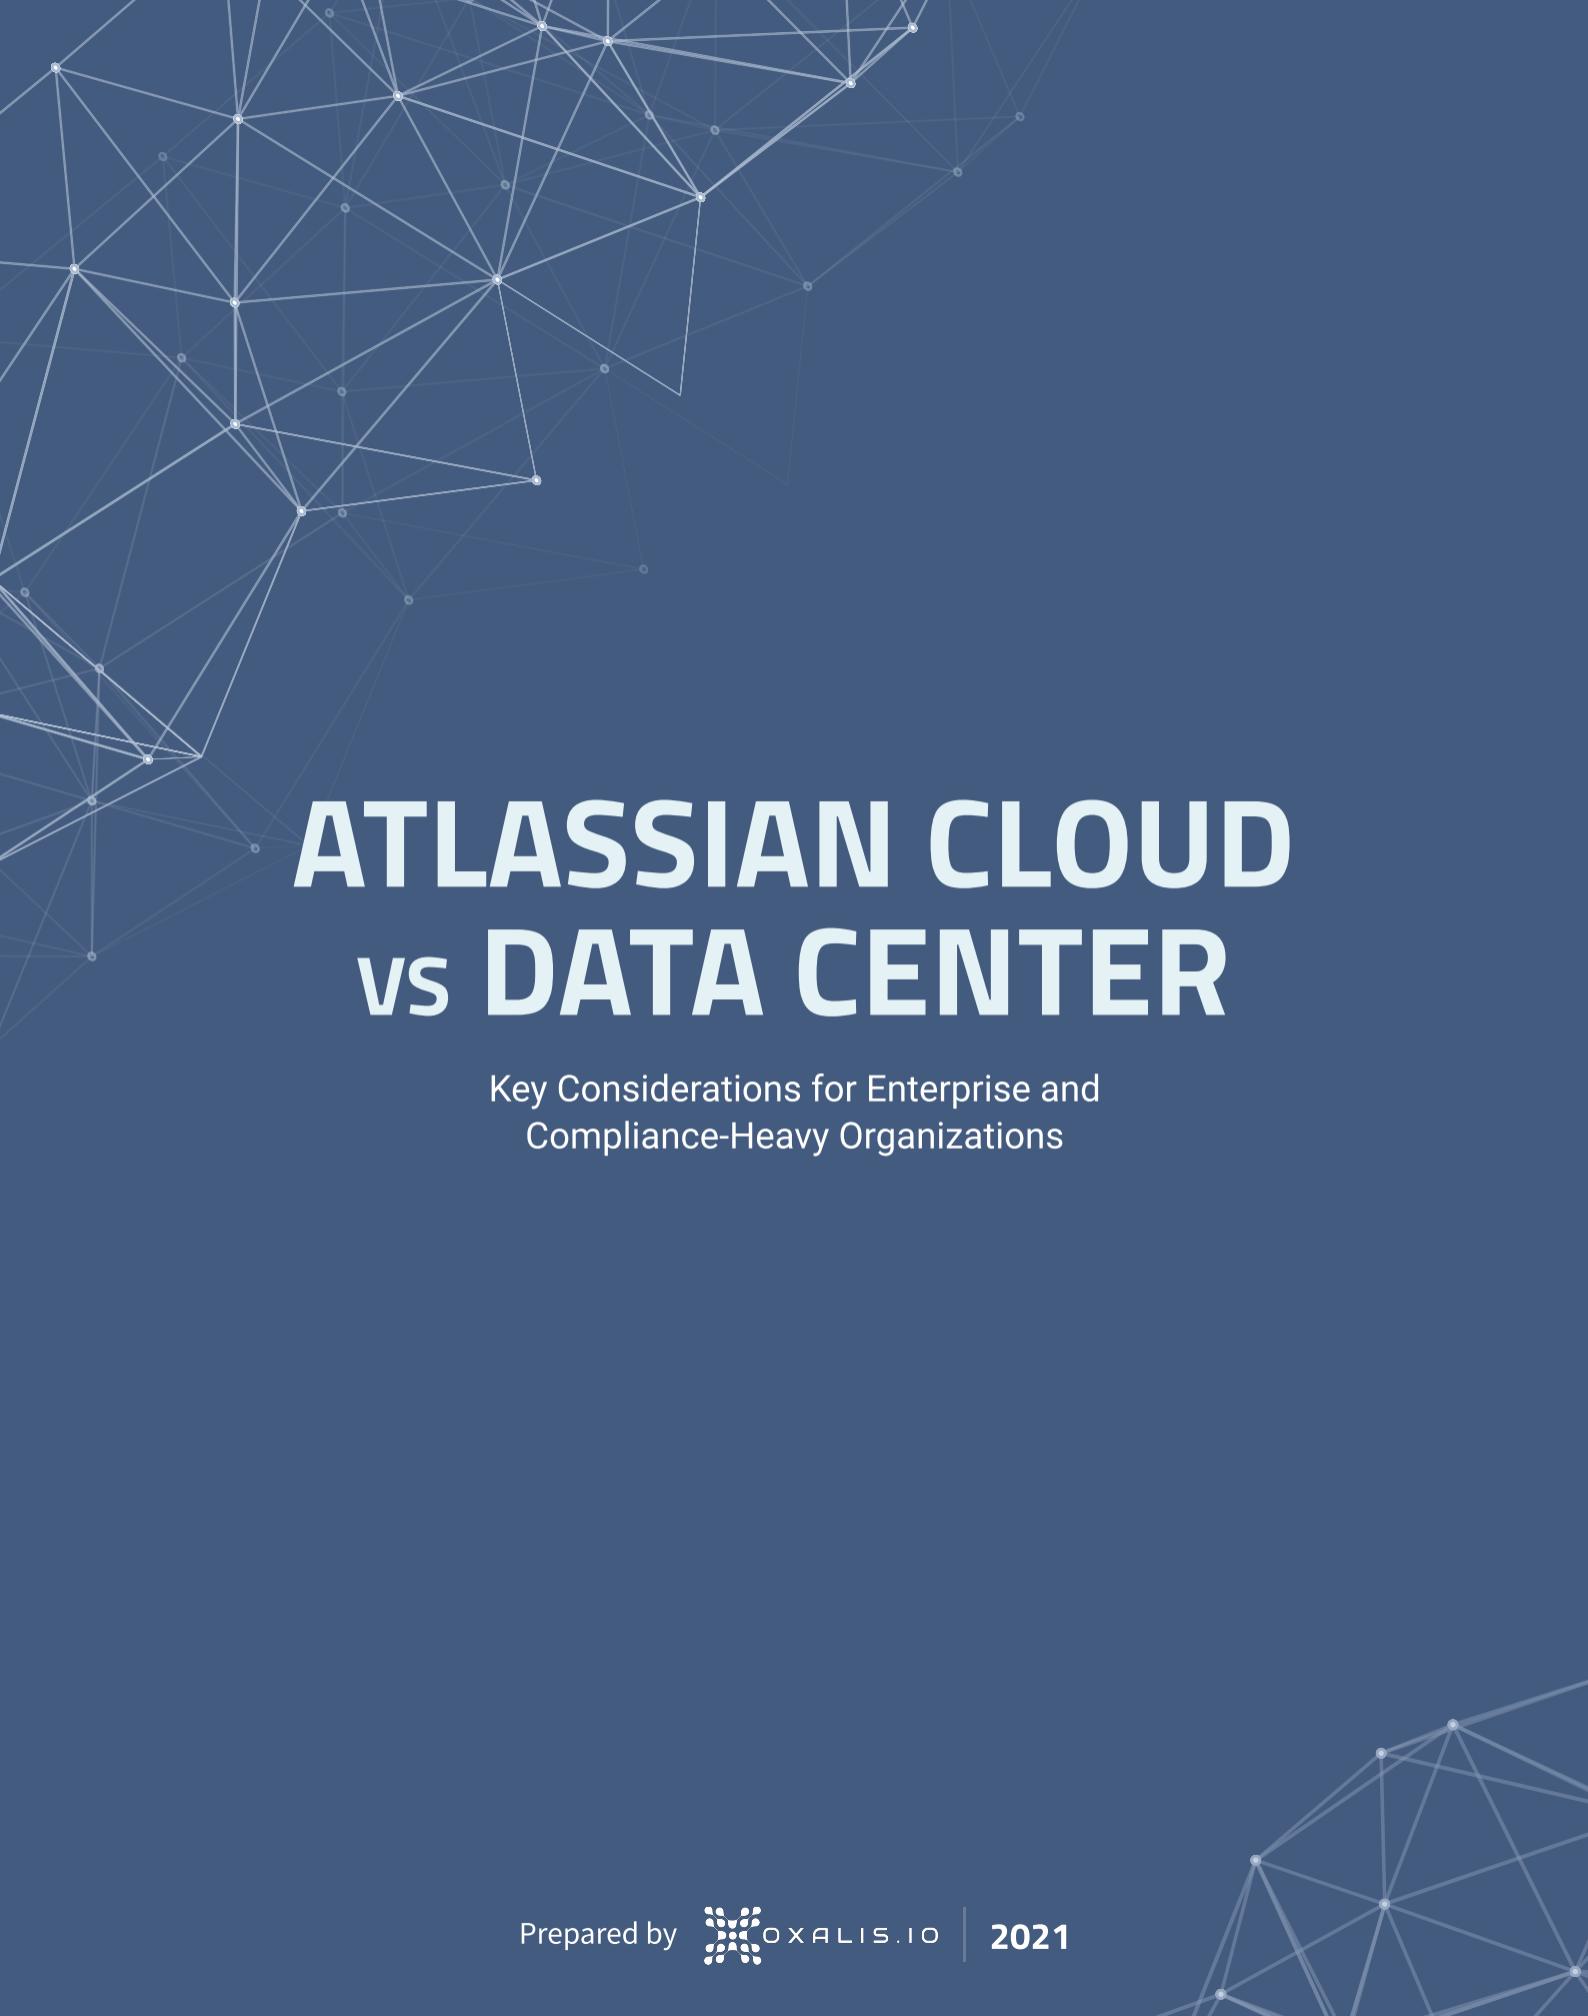 Compliant Cloud vs Data Center